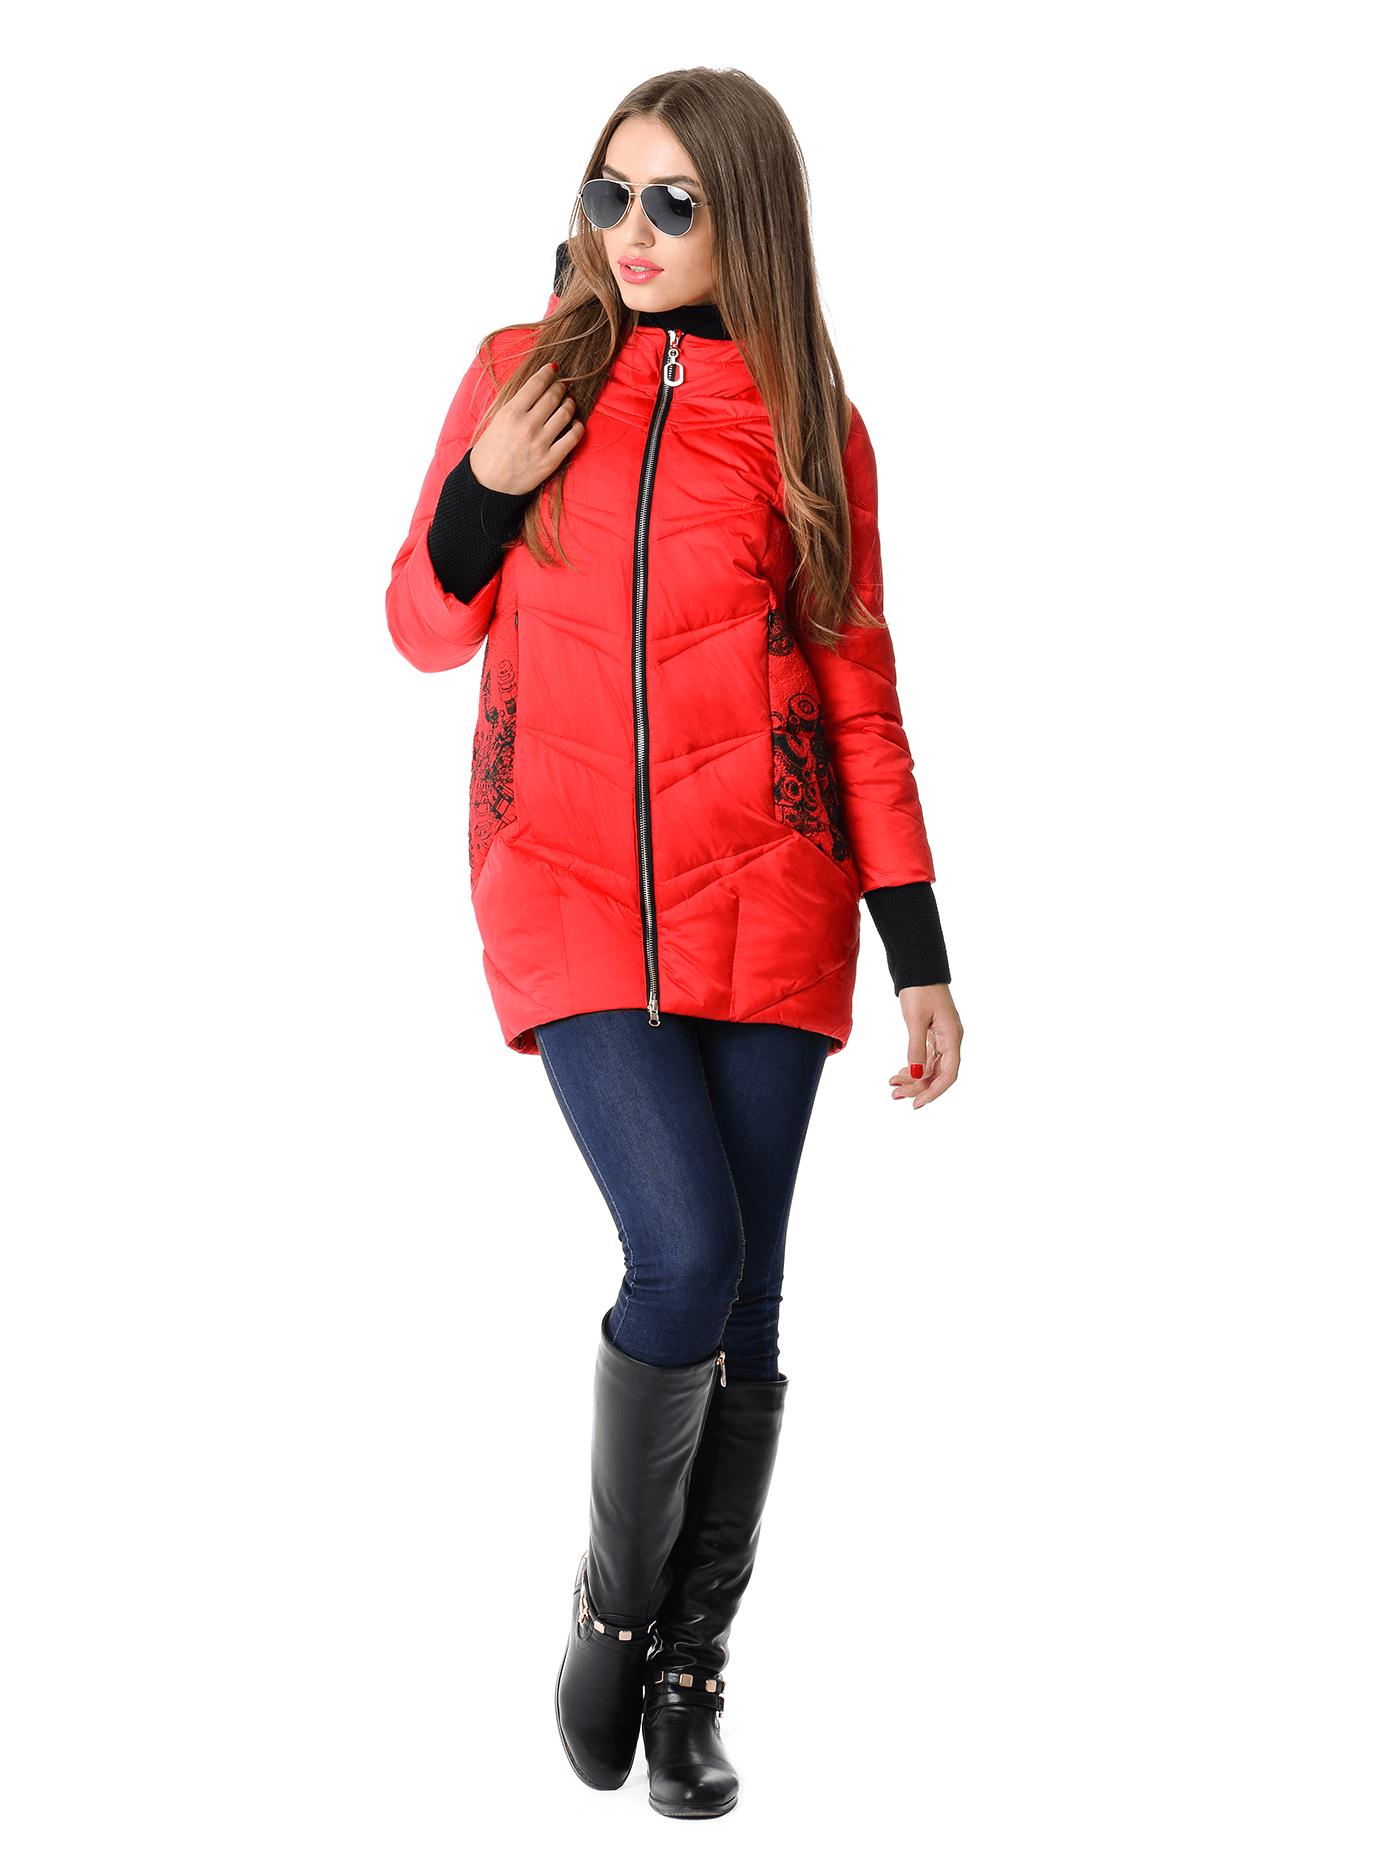 Куртка зимняя прямая средней длины Красный S (05-V191283): фото - Alster.ua